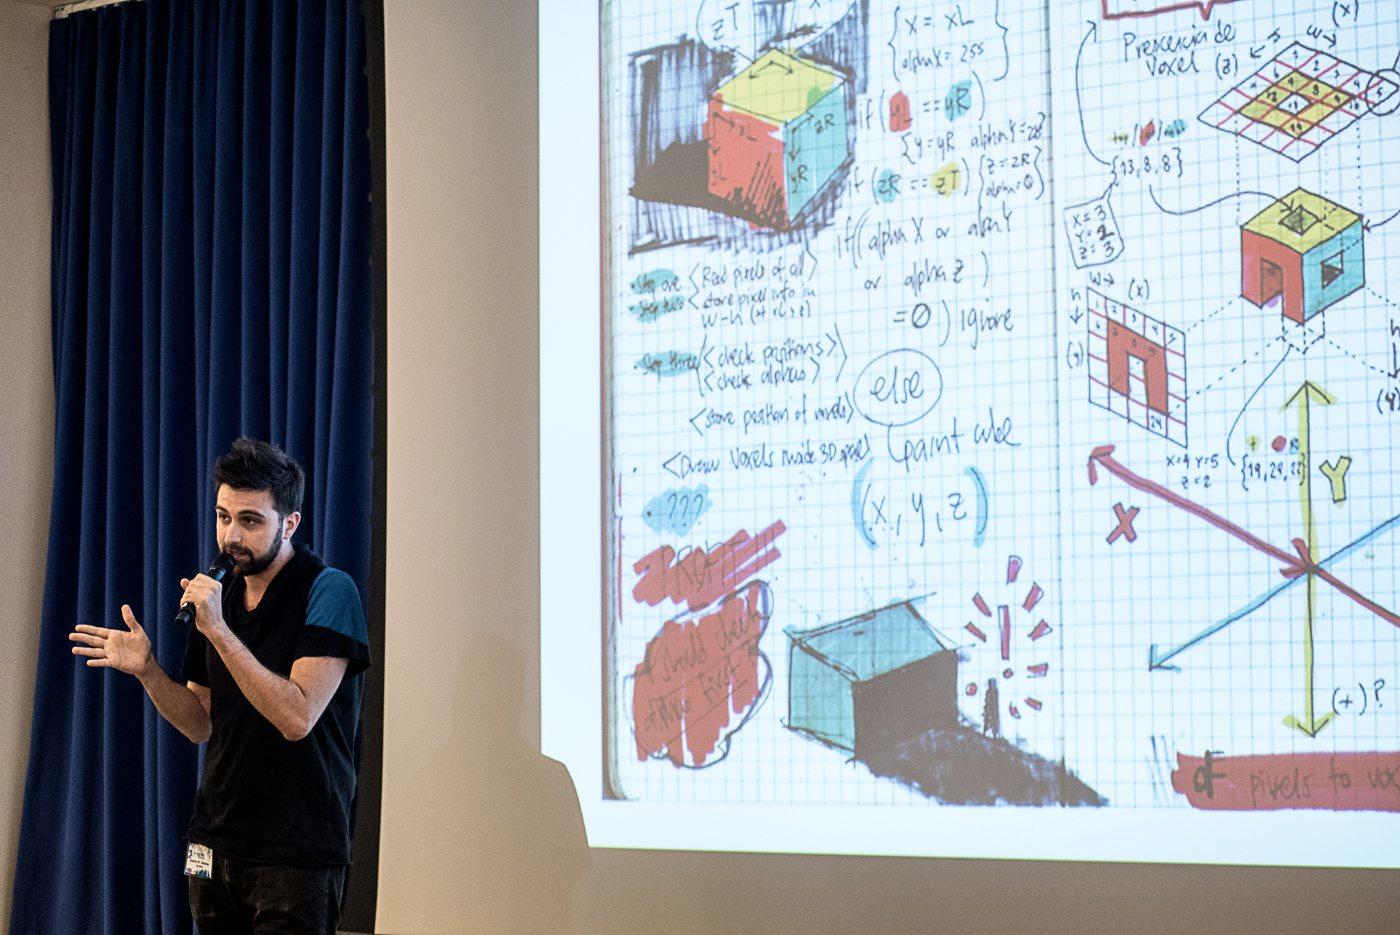 The 3D Things in your Life speaker Daniel Mastretta Jimenez - Imgur